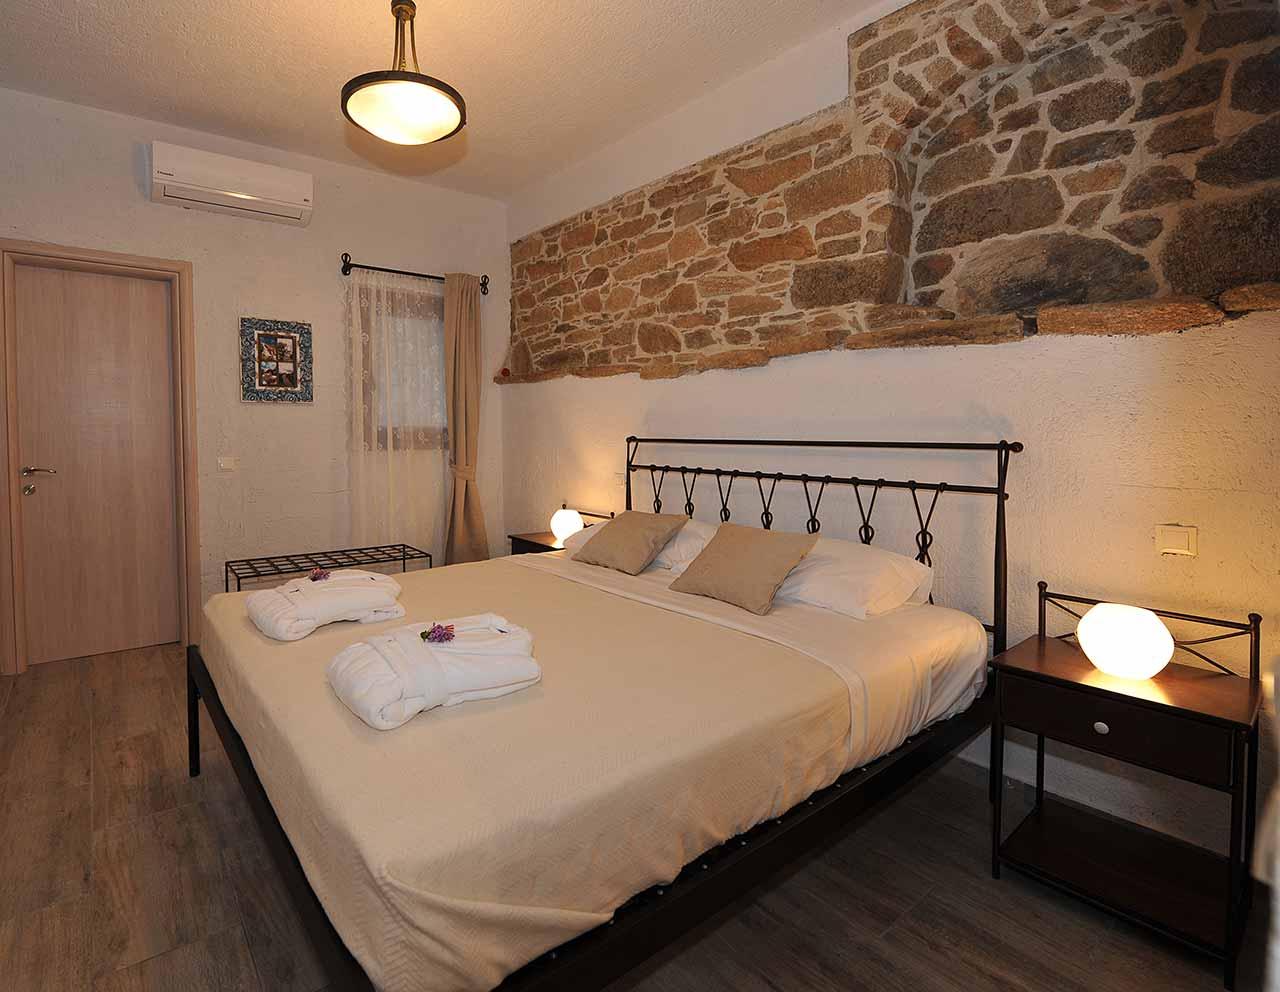 ikaria olivia villas - villa petrino bedroom image